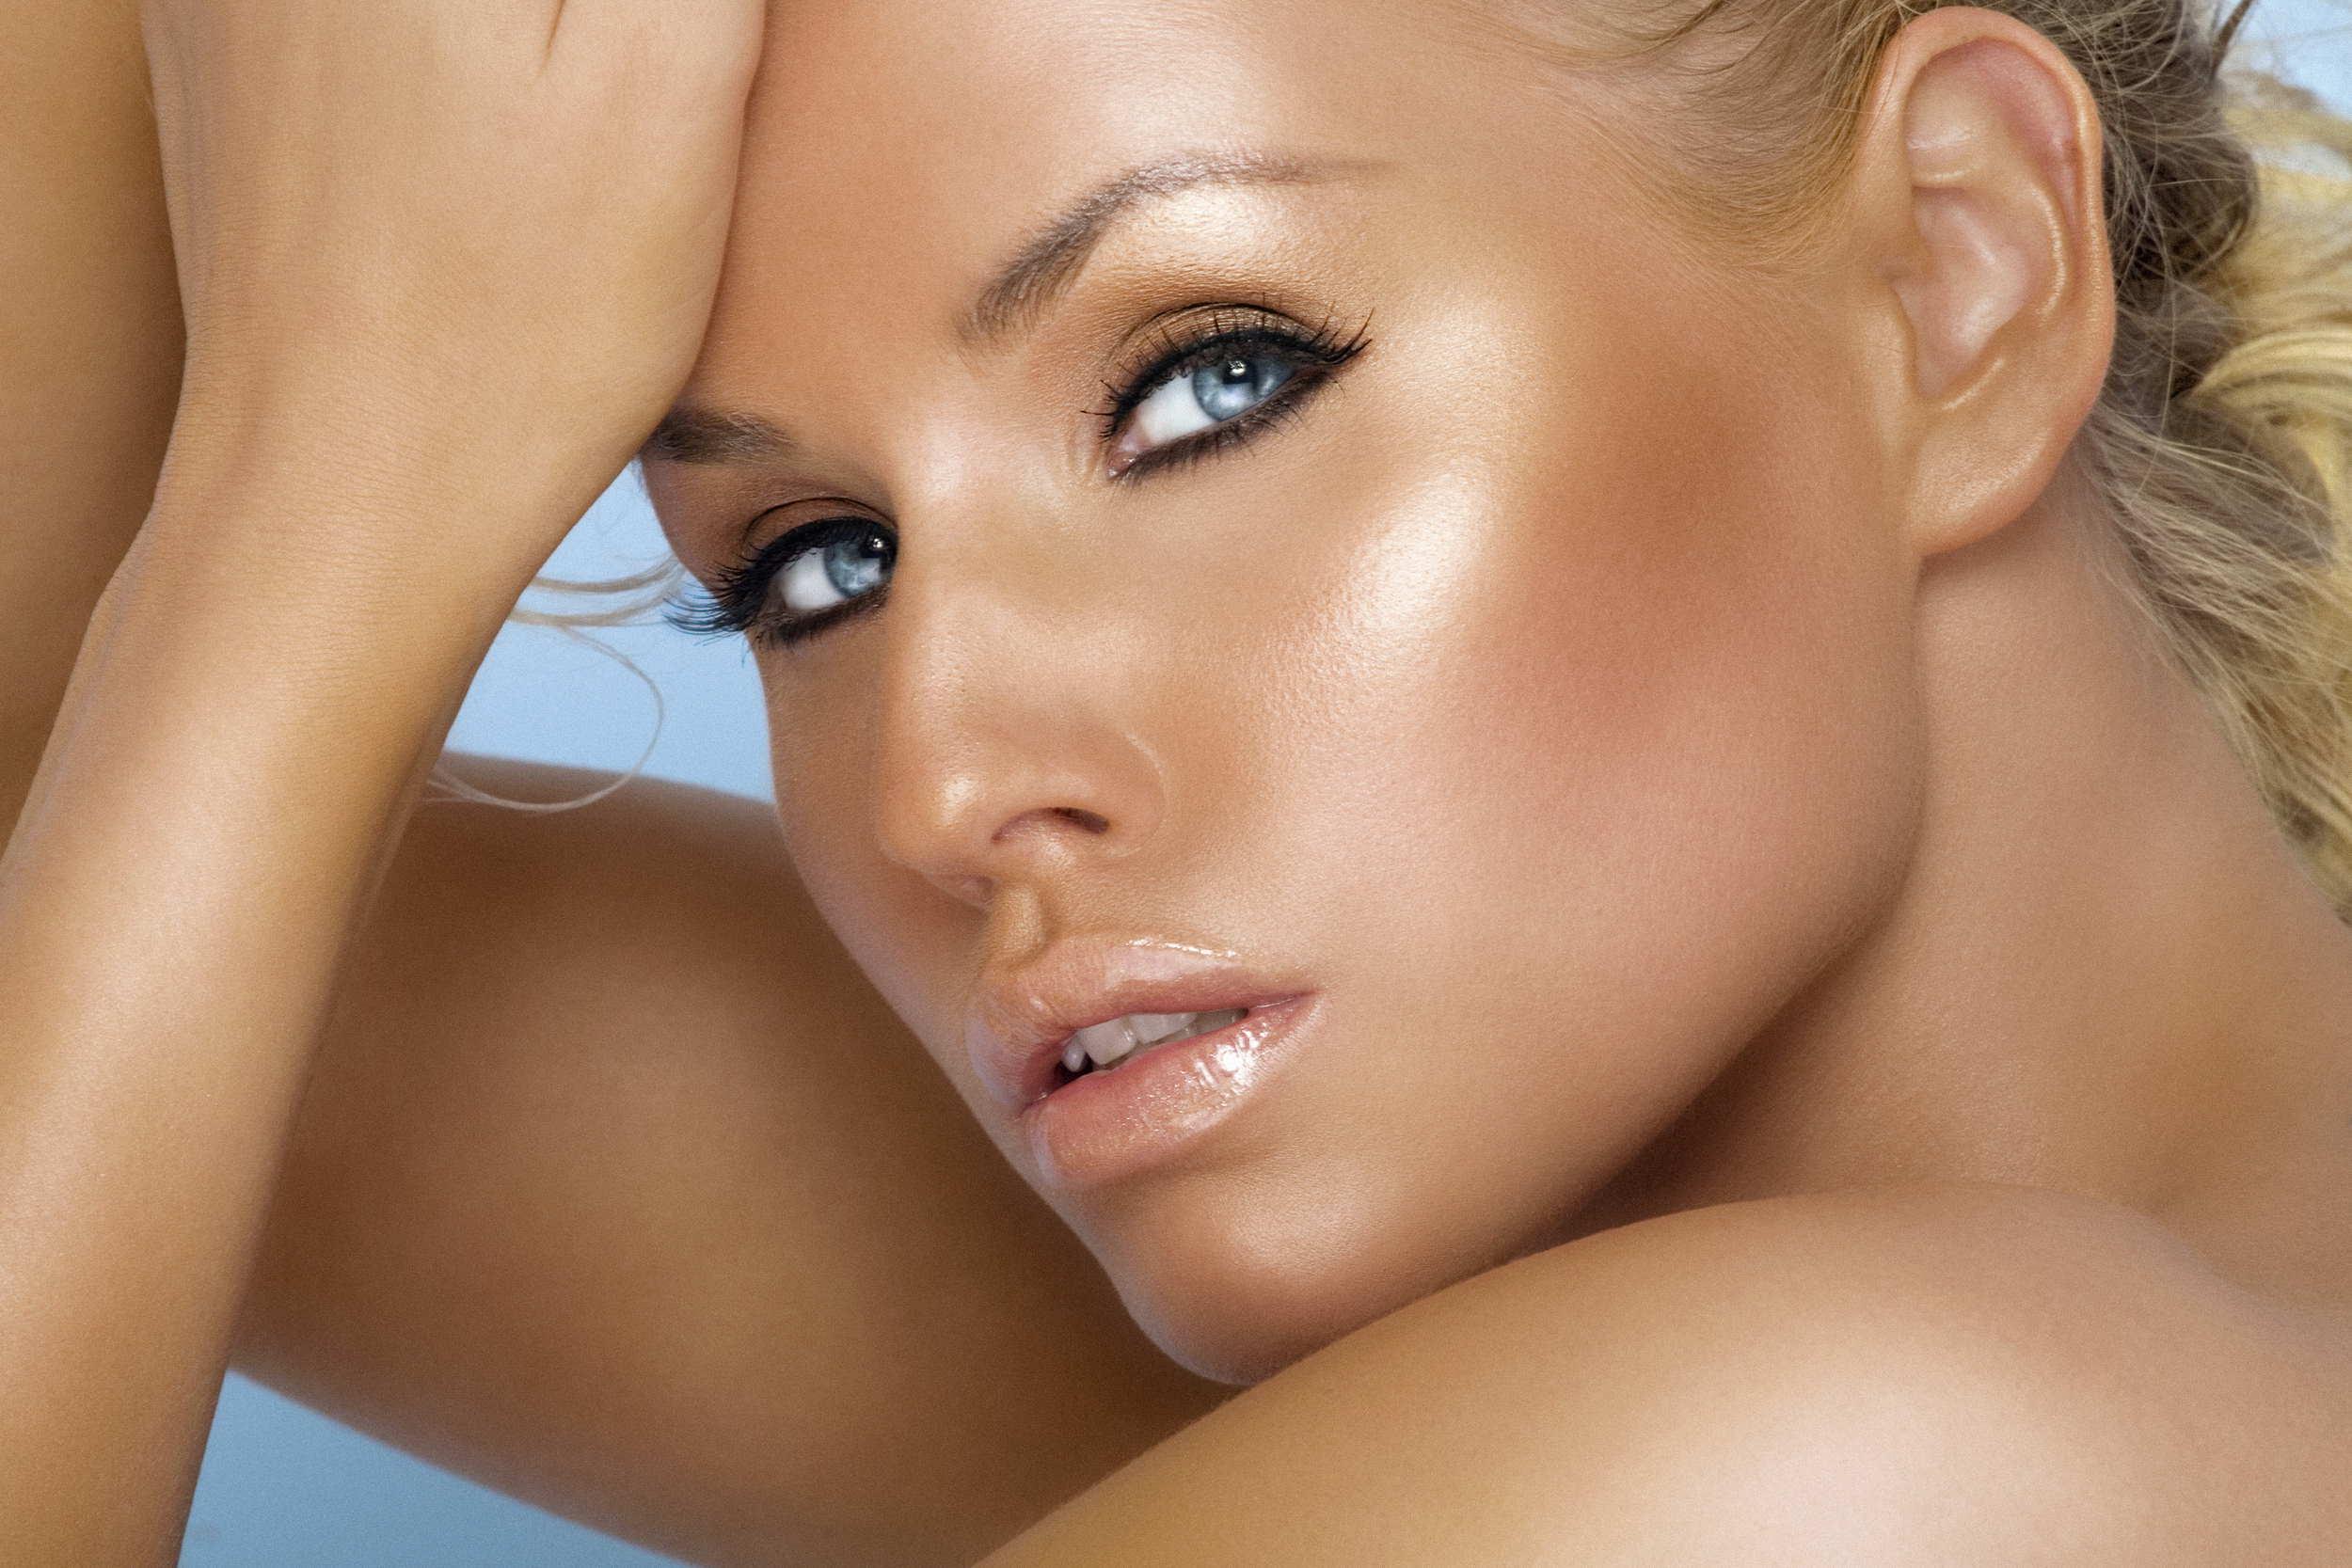 Автозагар для лица: красивый оттенок кожи без риска обгореть